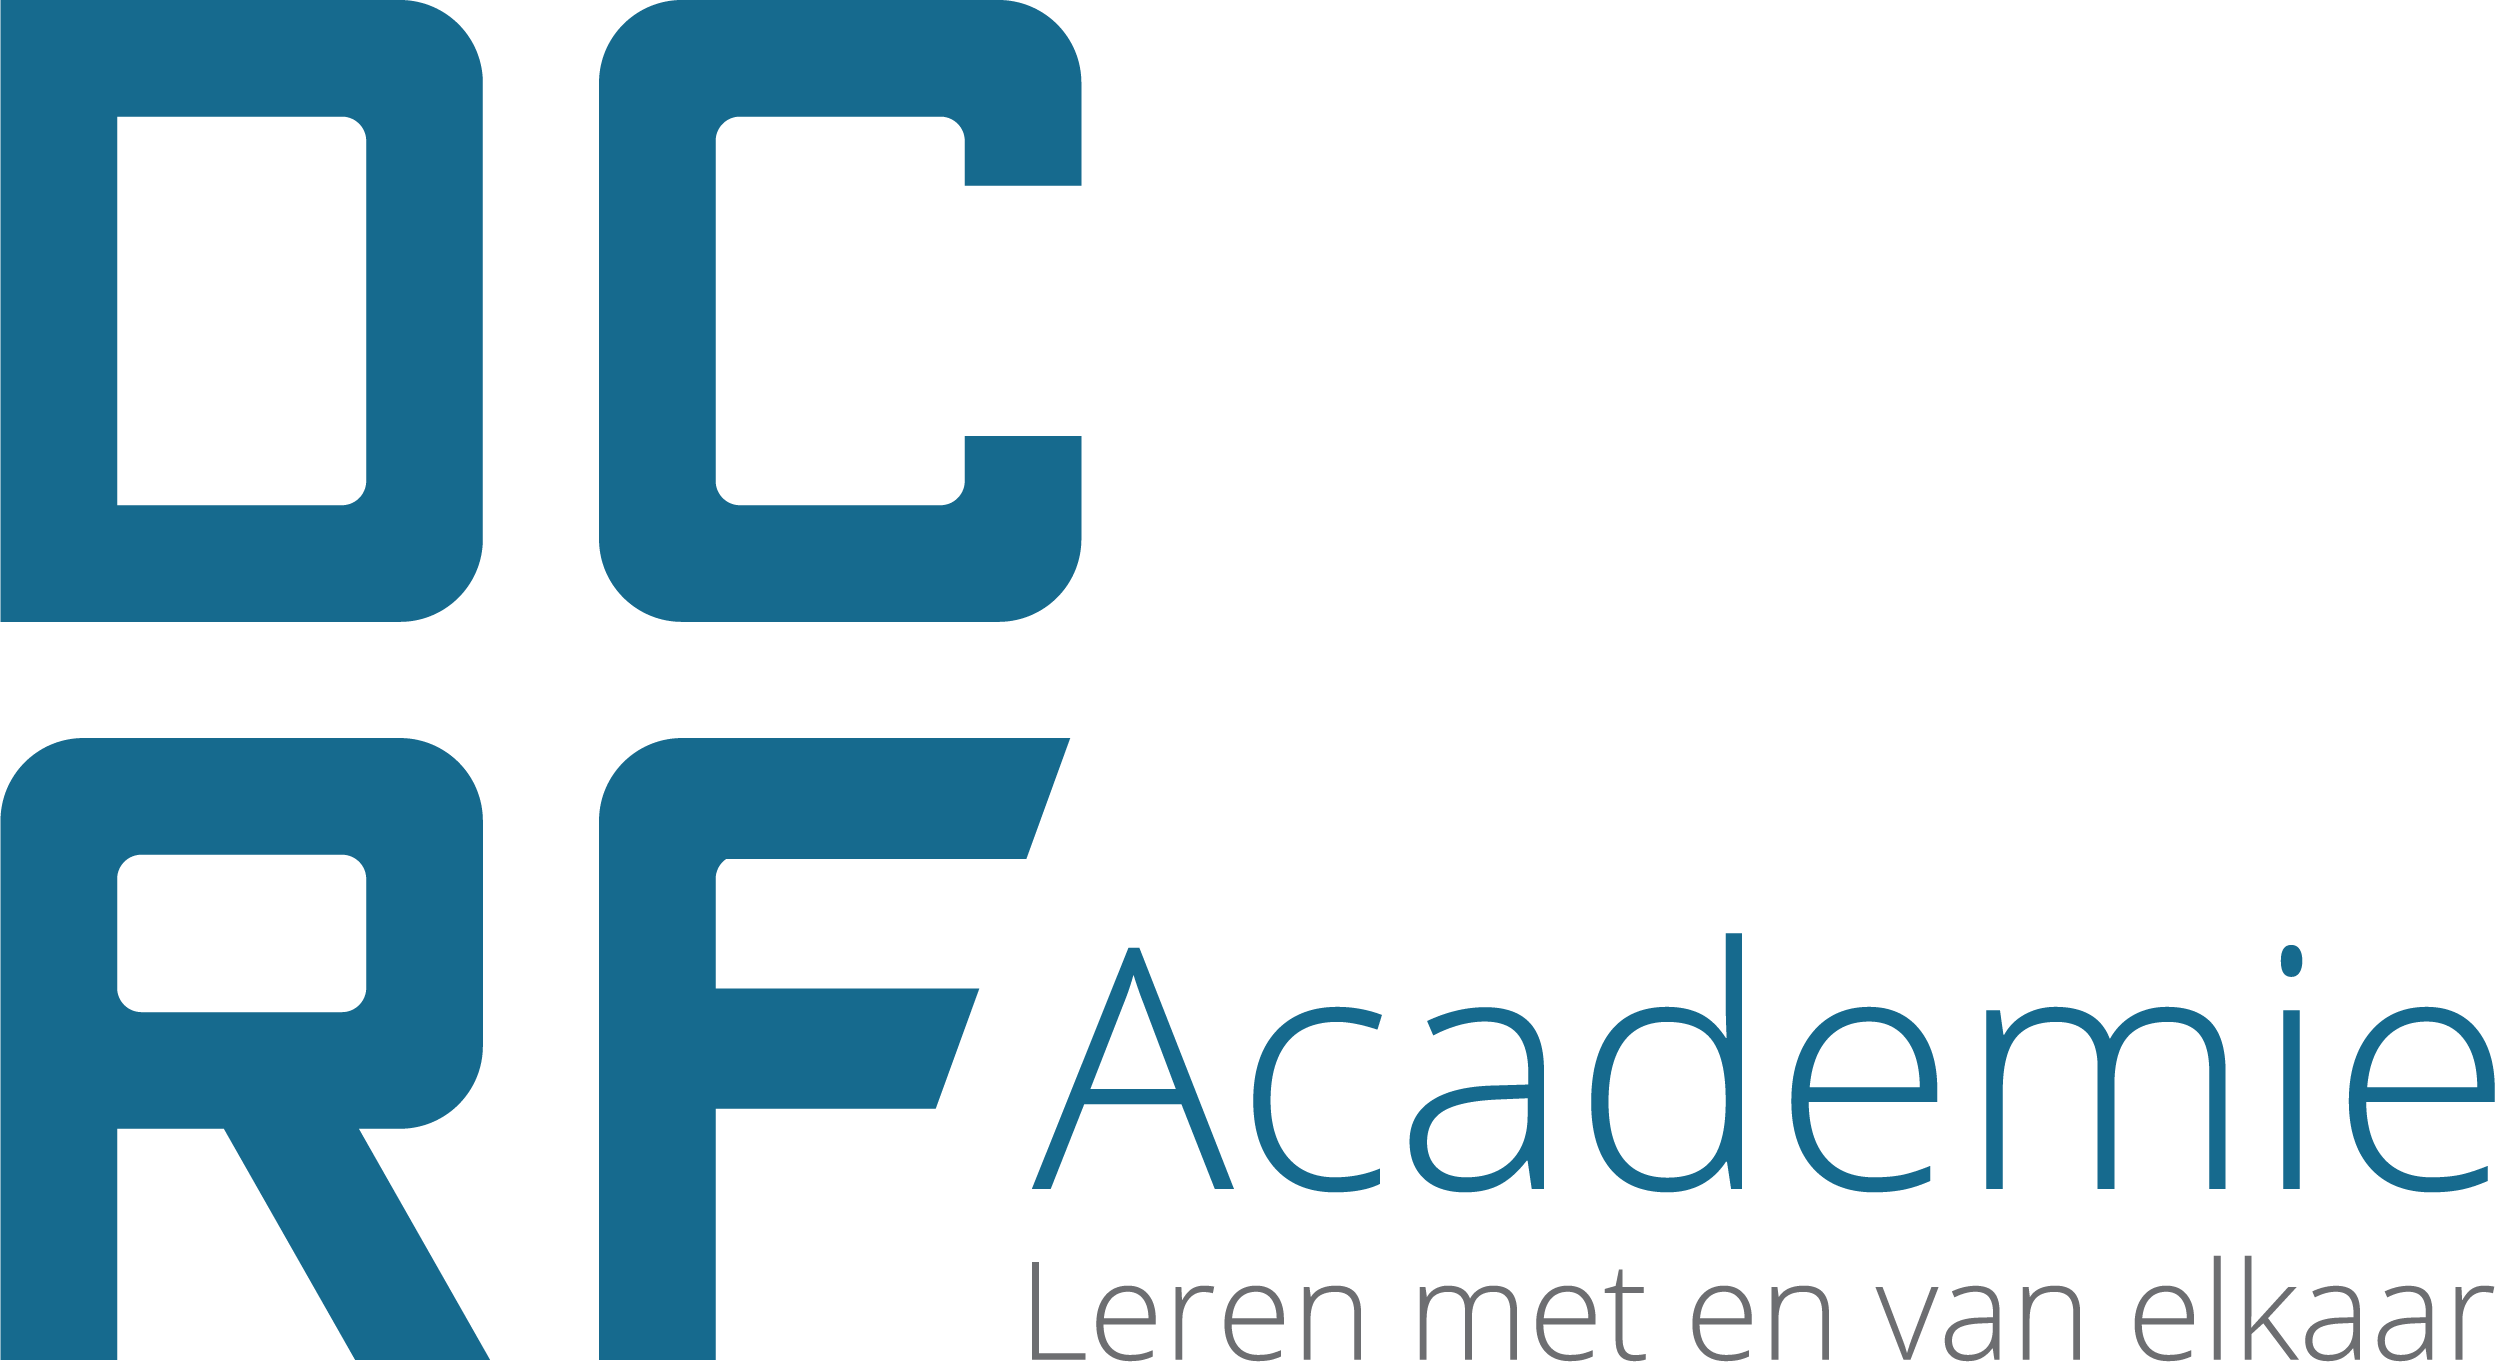 DCRF Academie